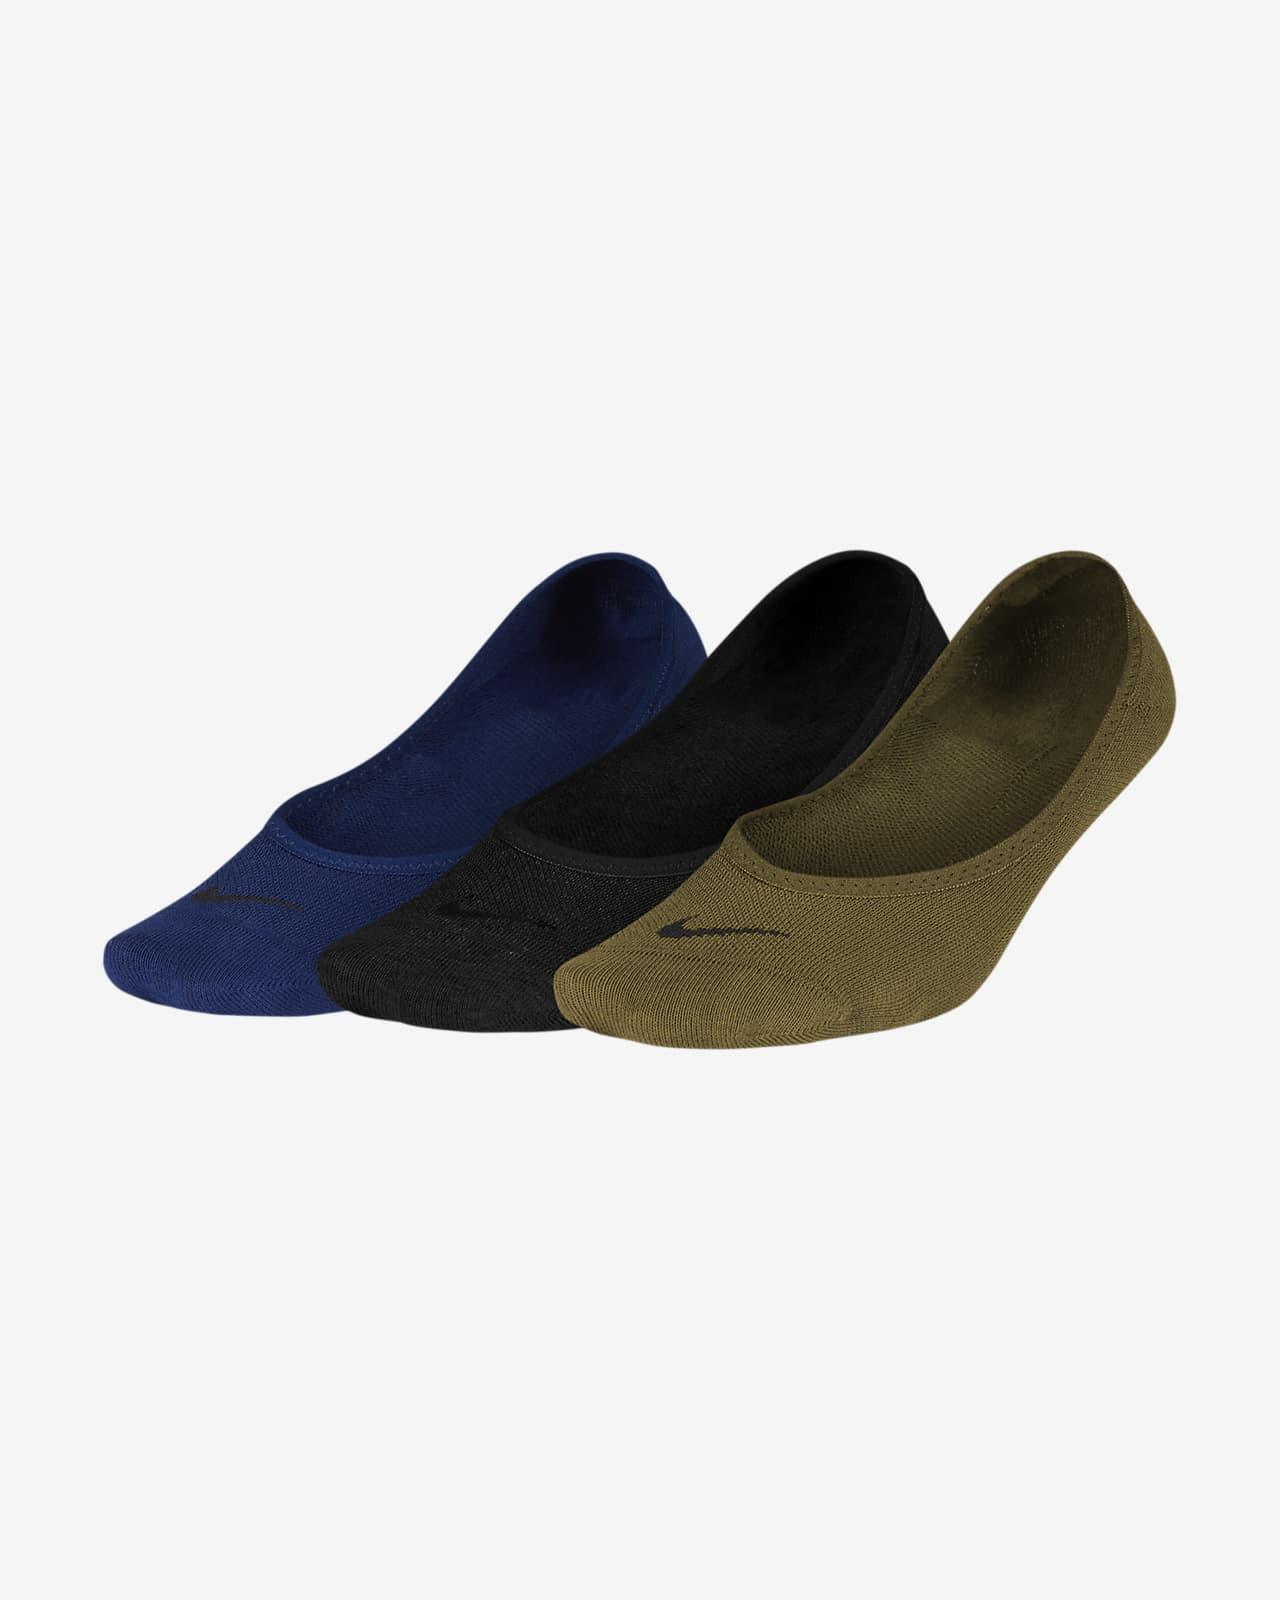 ถุงเท้าเทรนนิ่งผู้หญิงแบบซ่อน Nike Everyday Lightweight (3 คู่)